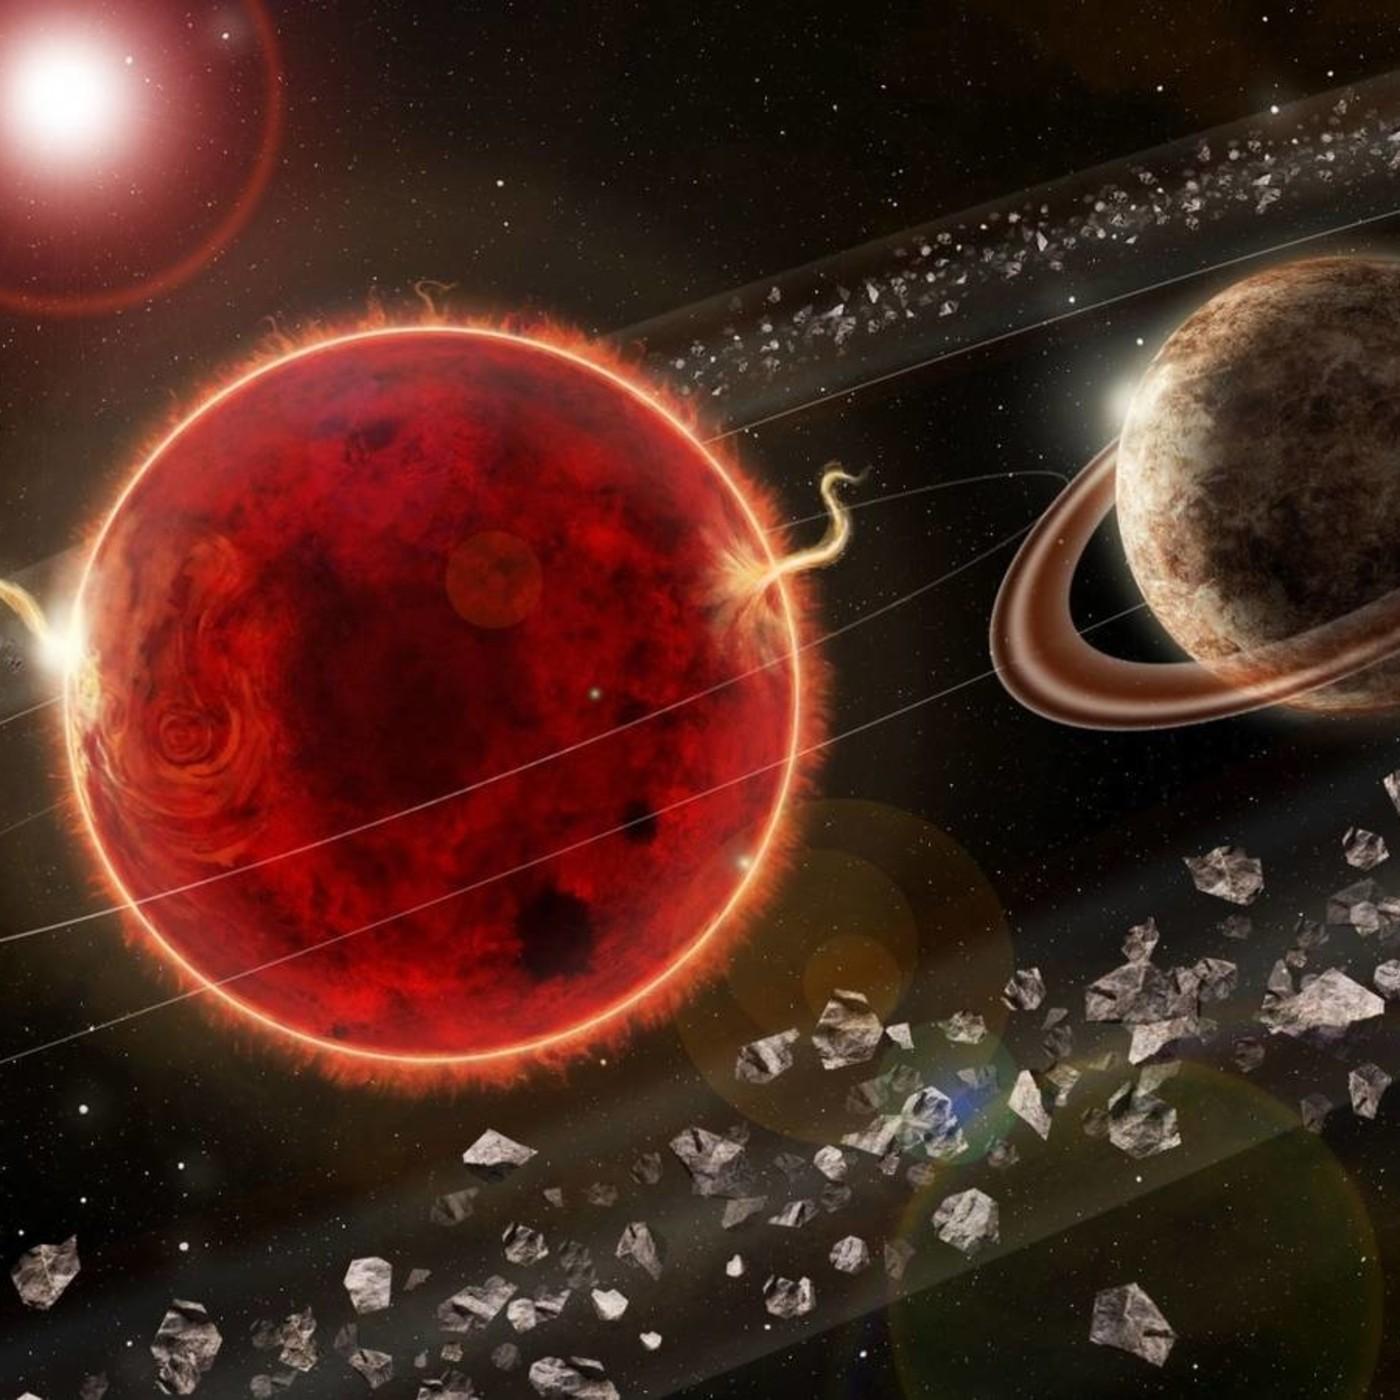 Los Exoplanetas - Vida en el Espacio Exterior - Ep 2 #ciencia #universo #podcast